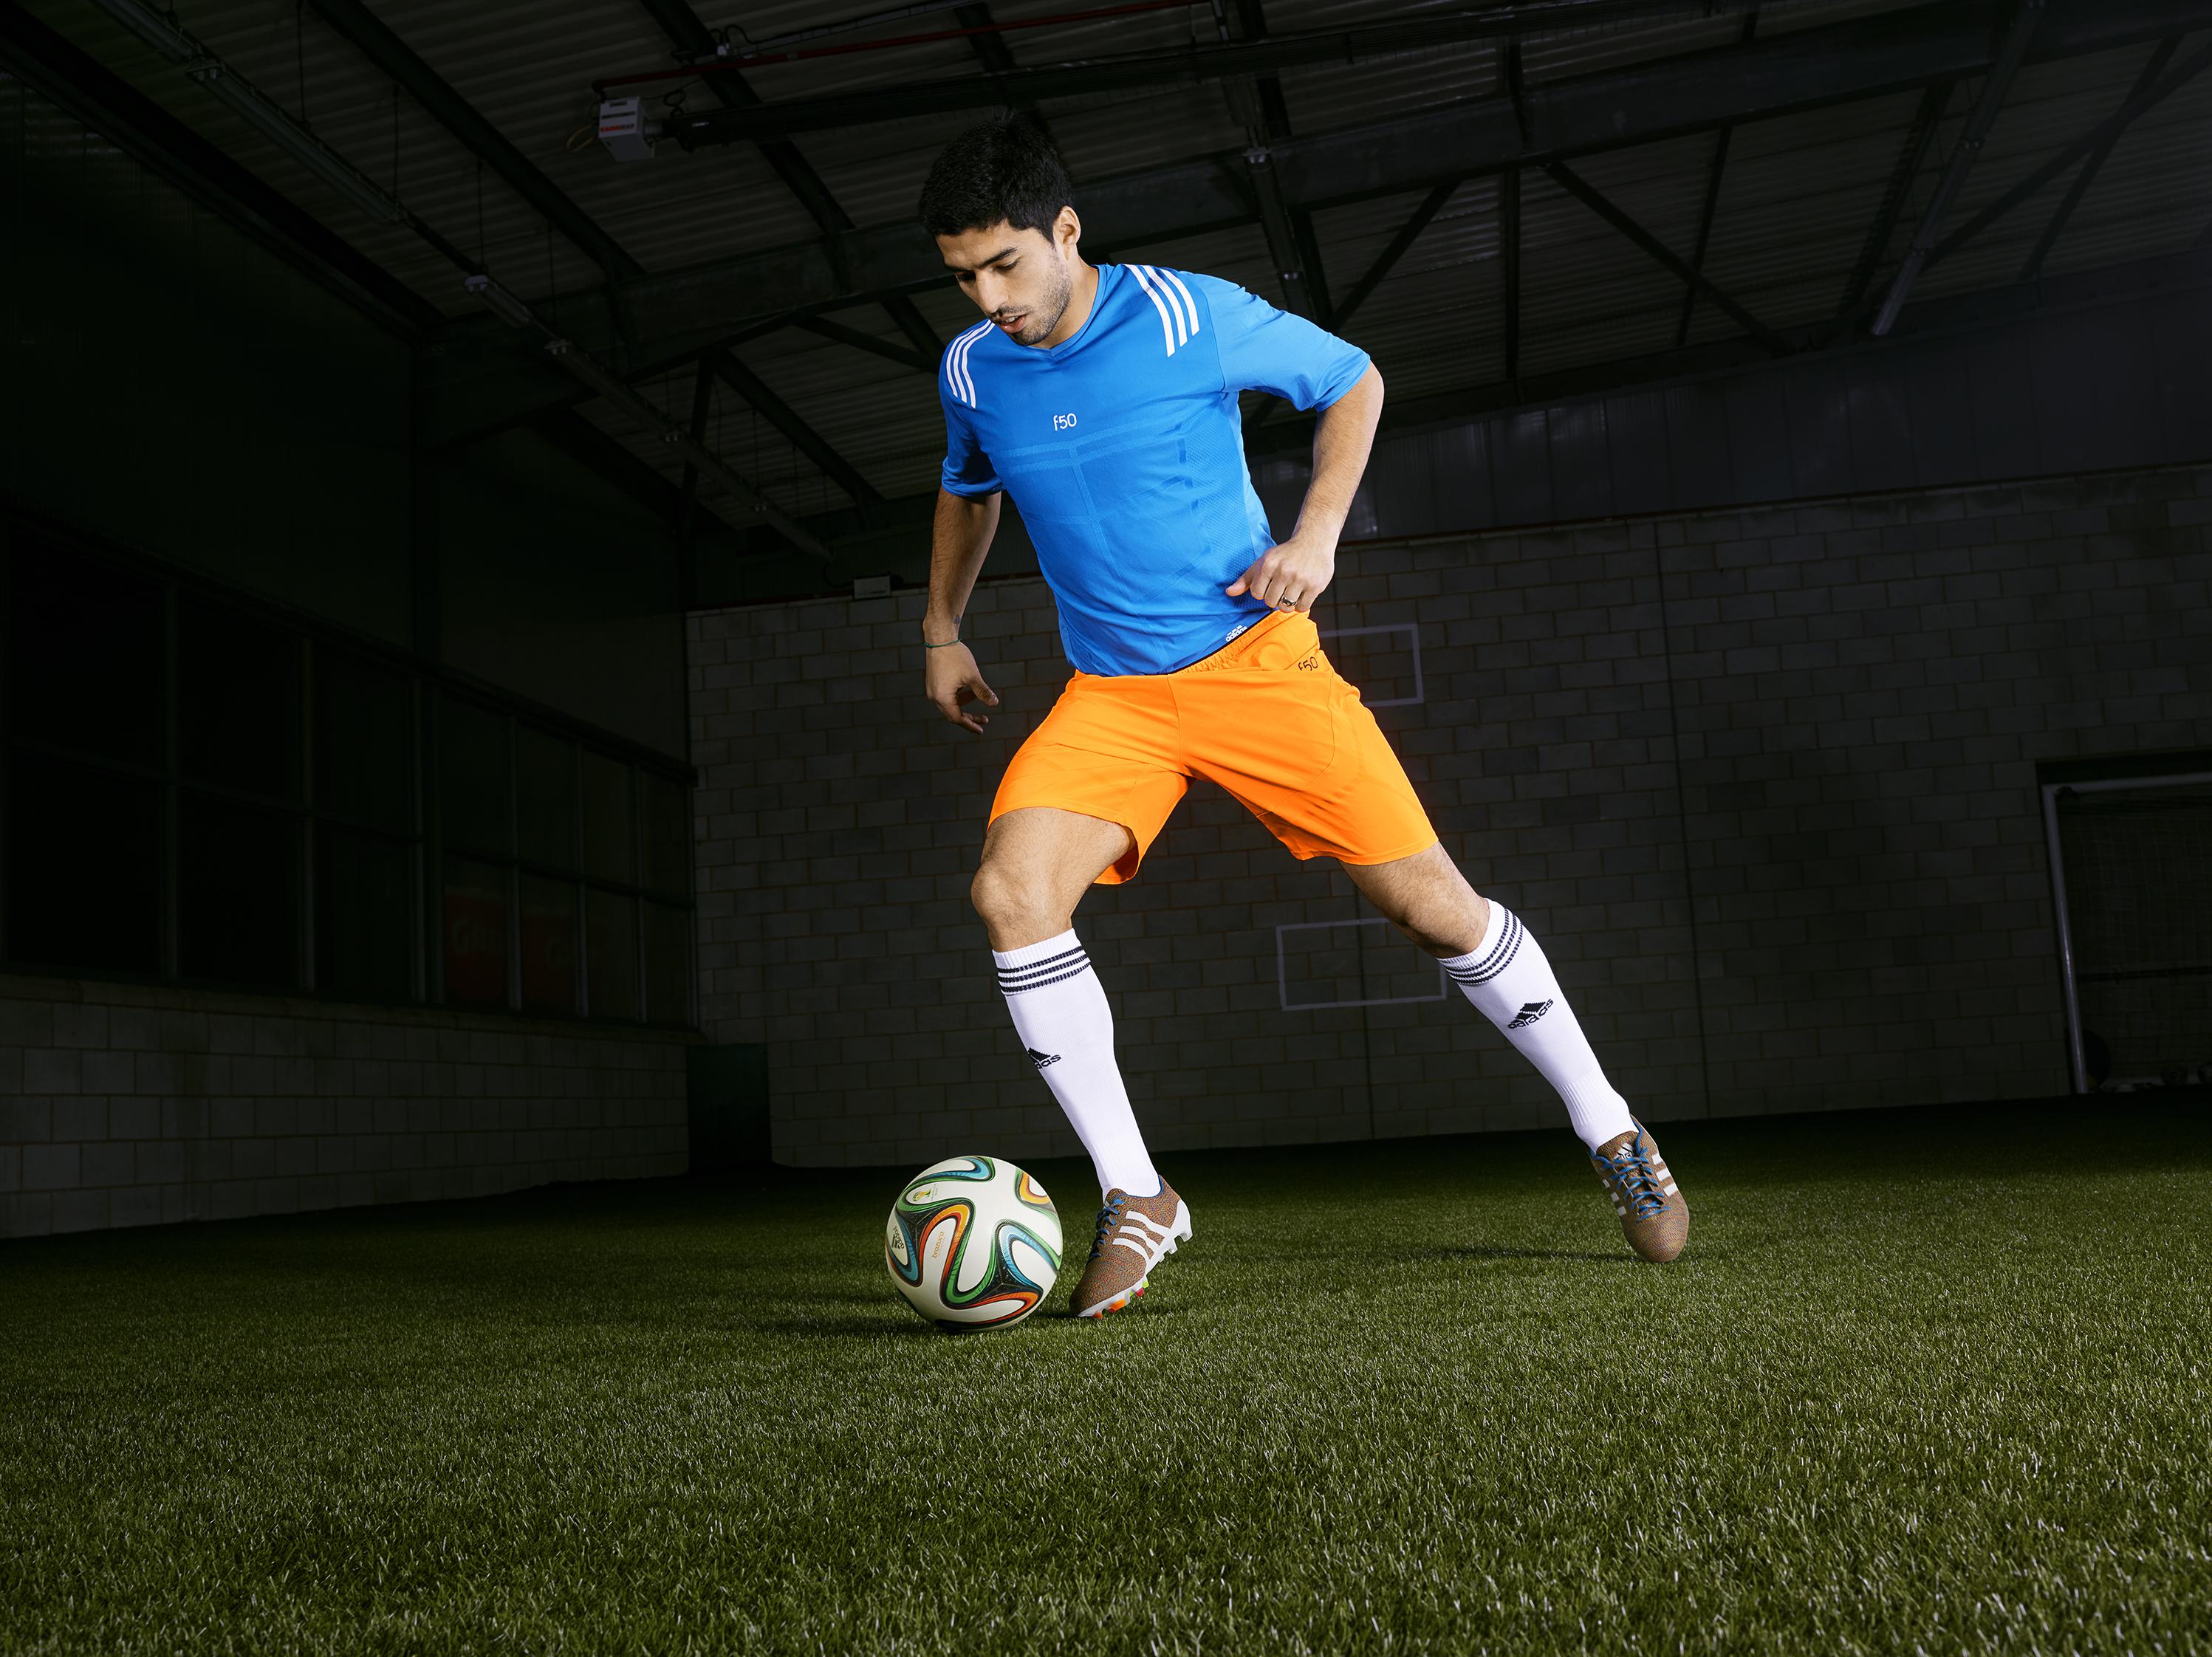 adidas Samba Primeknit - Luis Suarez 3